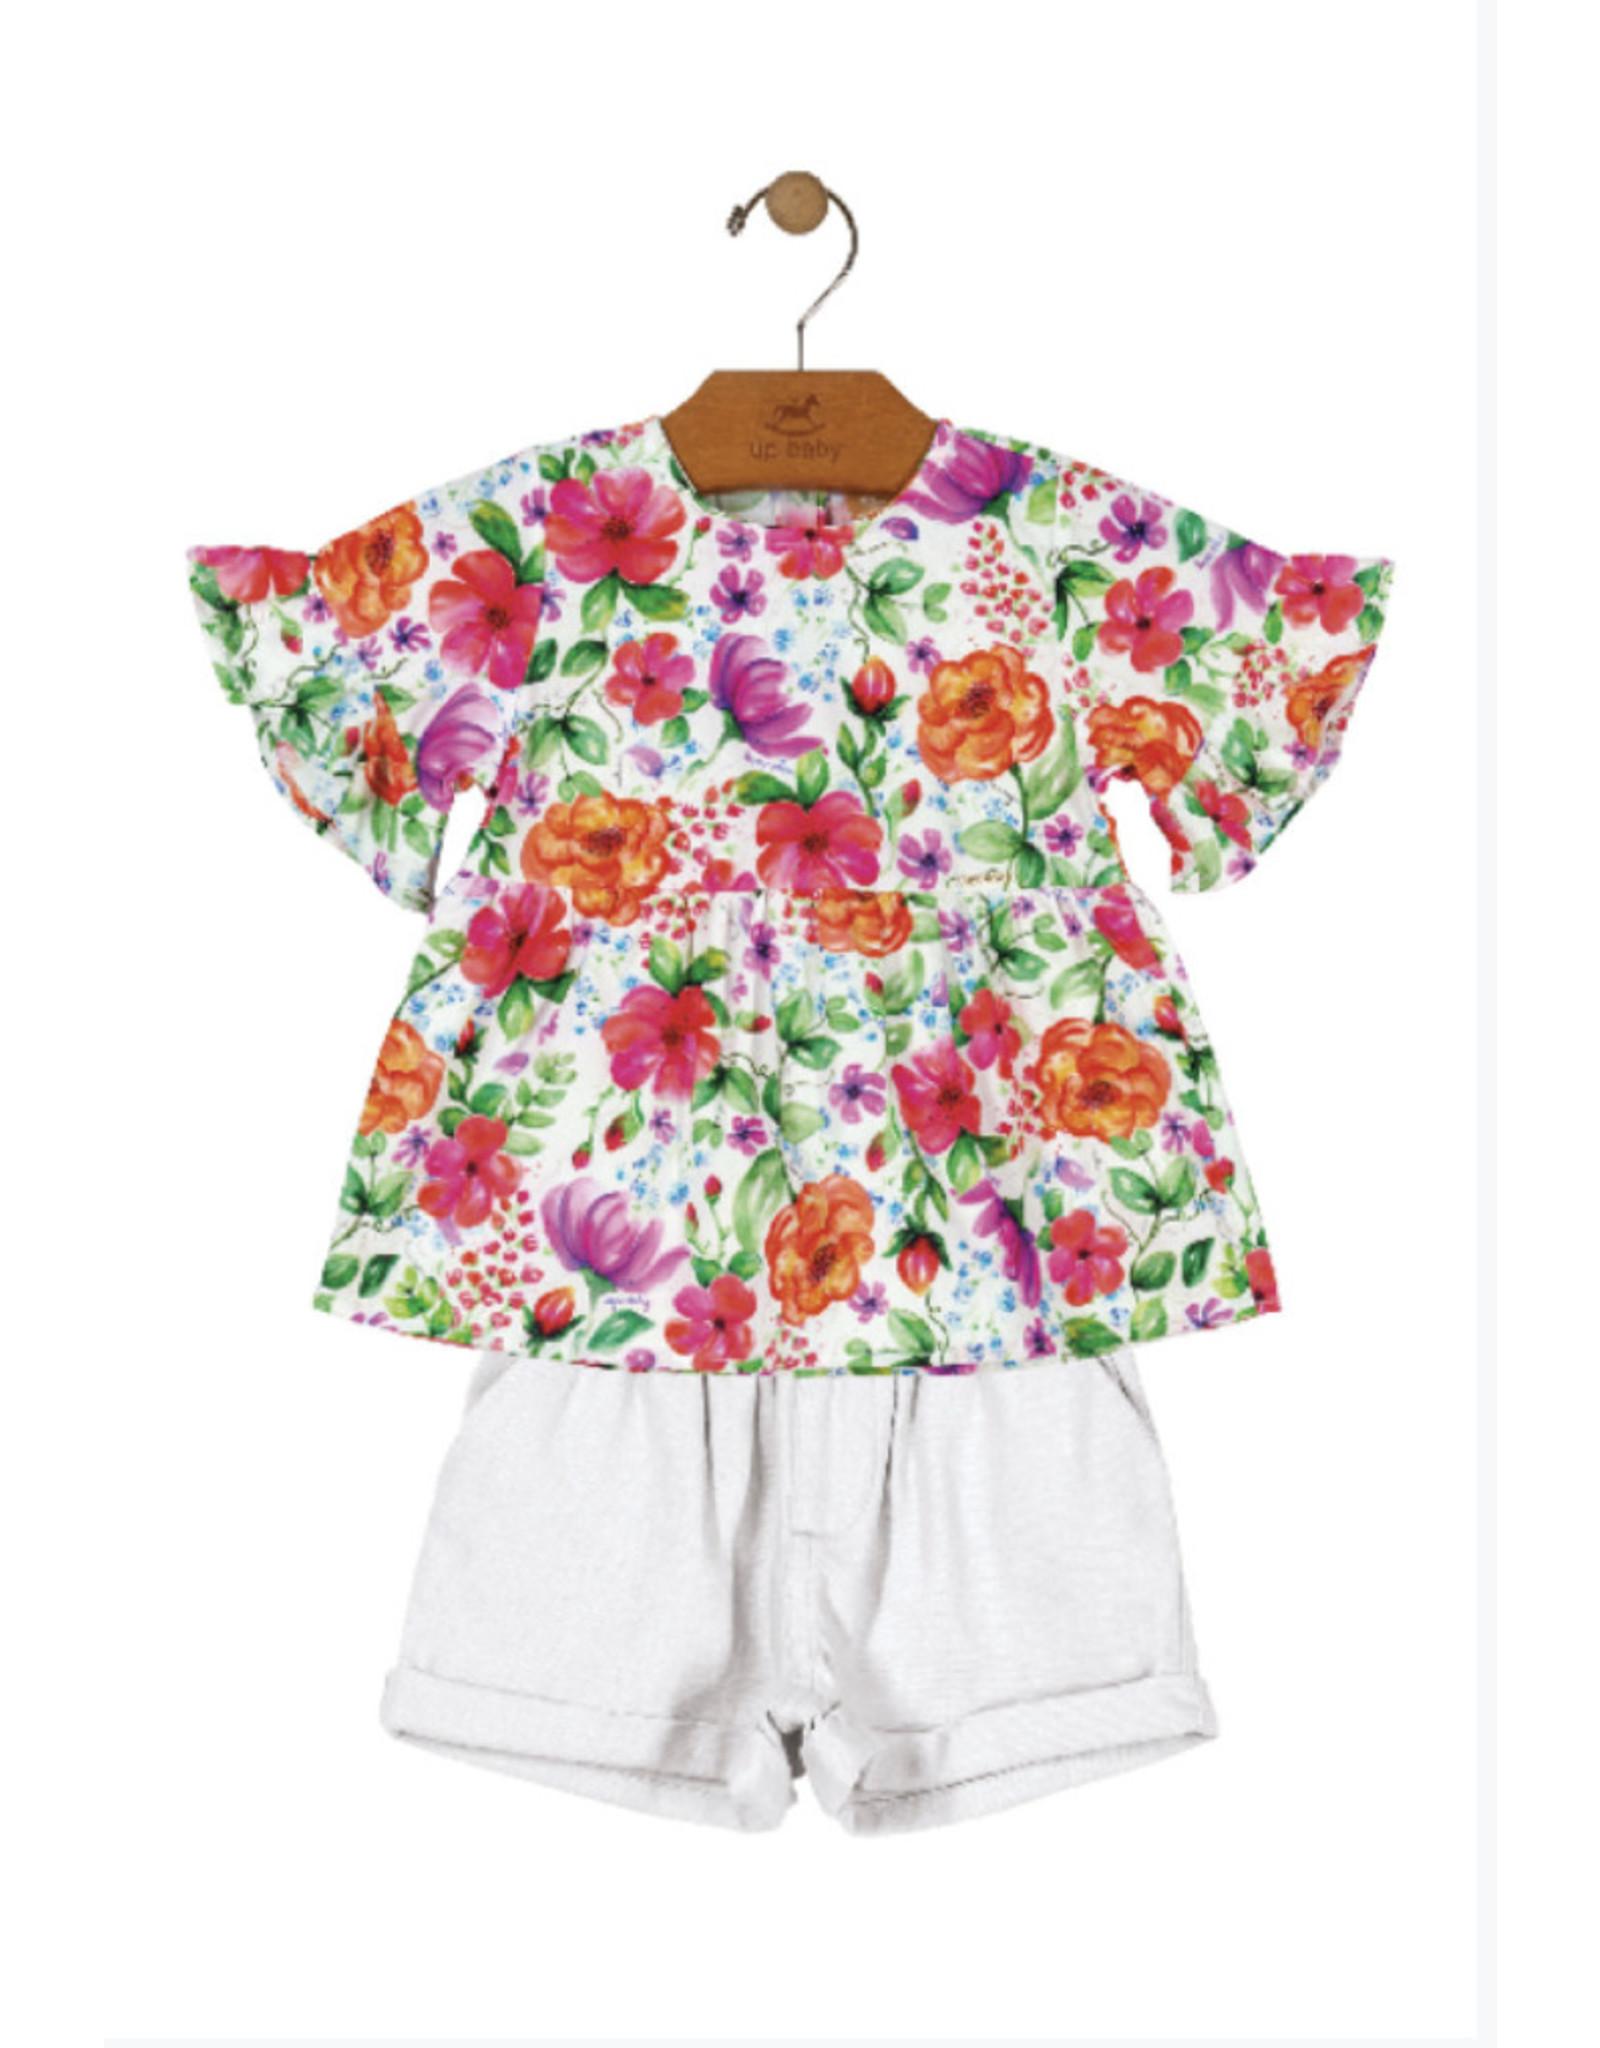 Floral short sets - Lola Kids